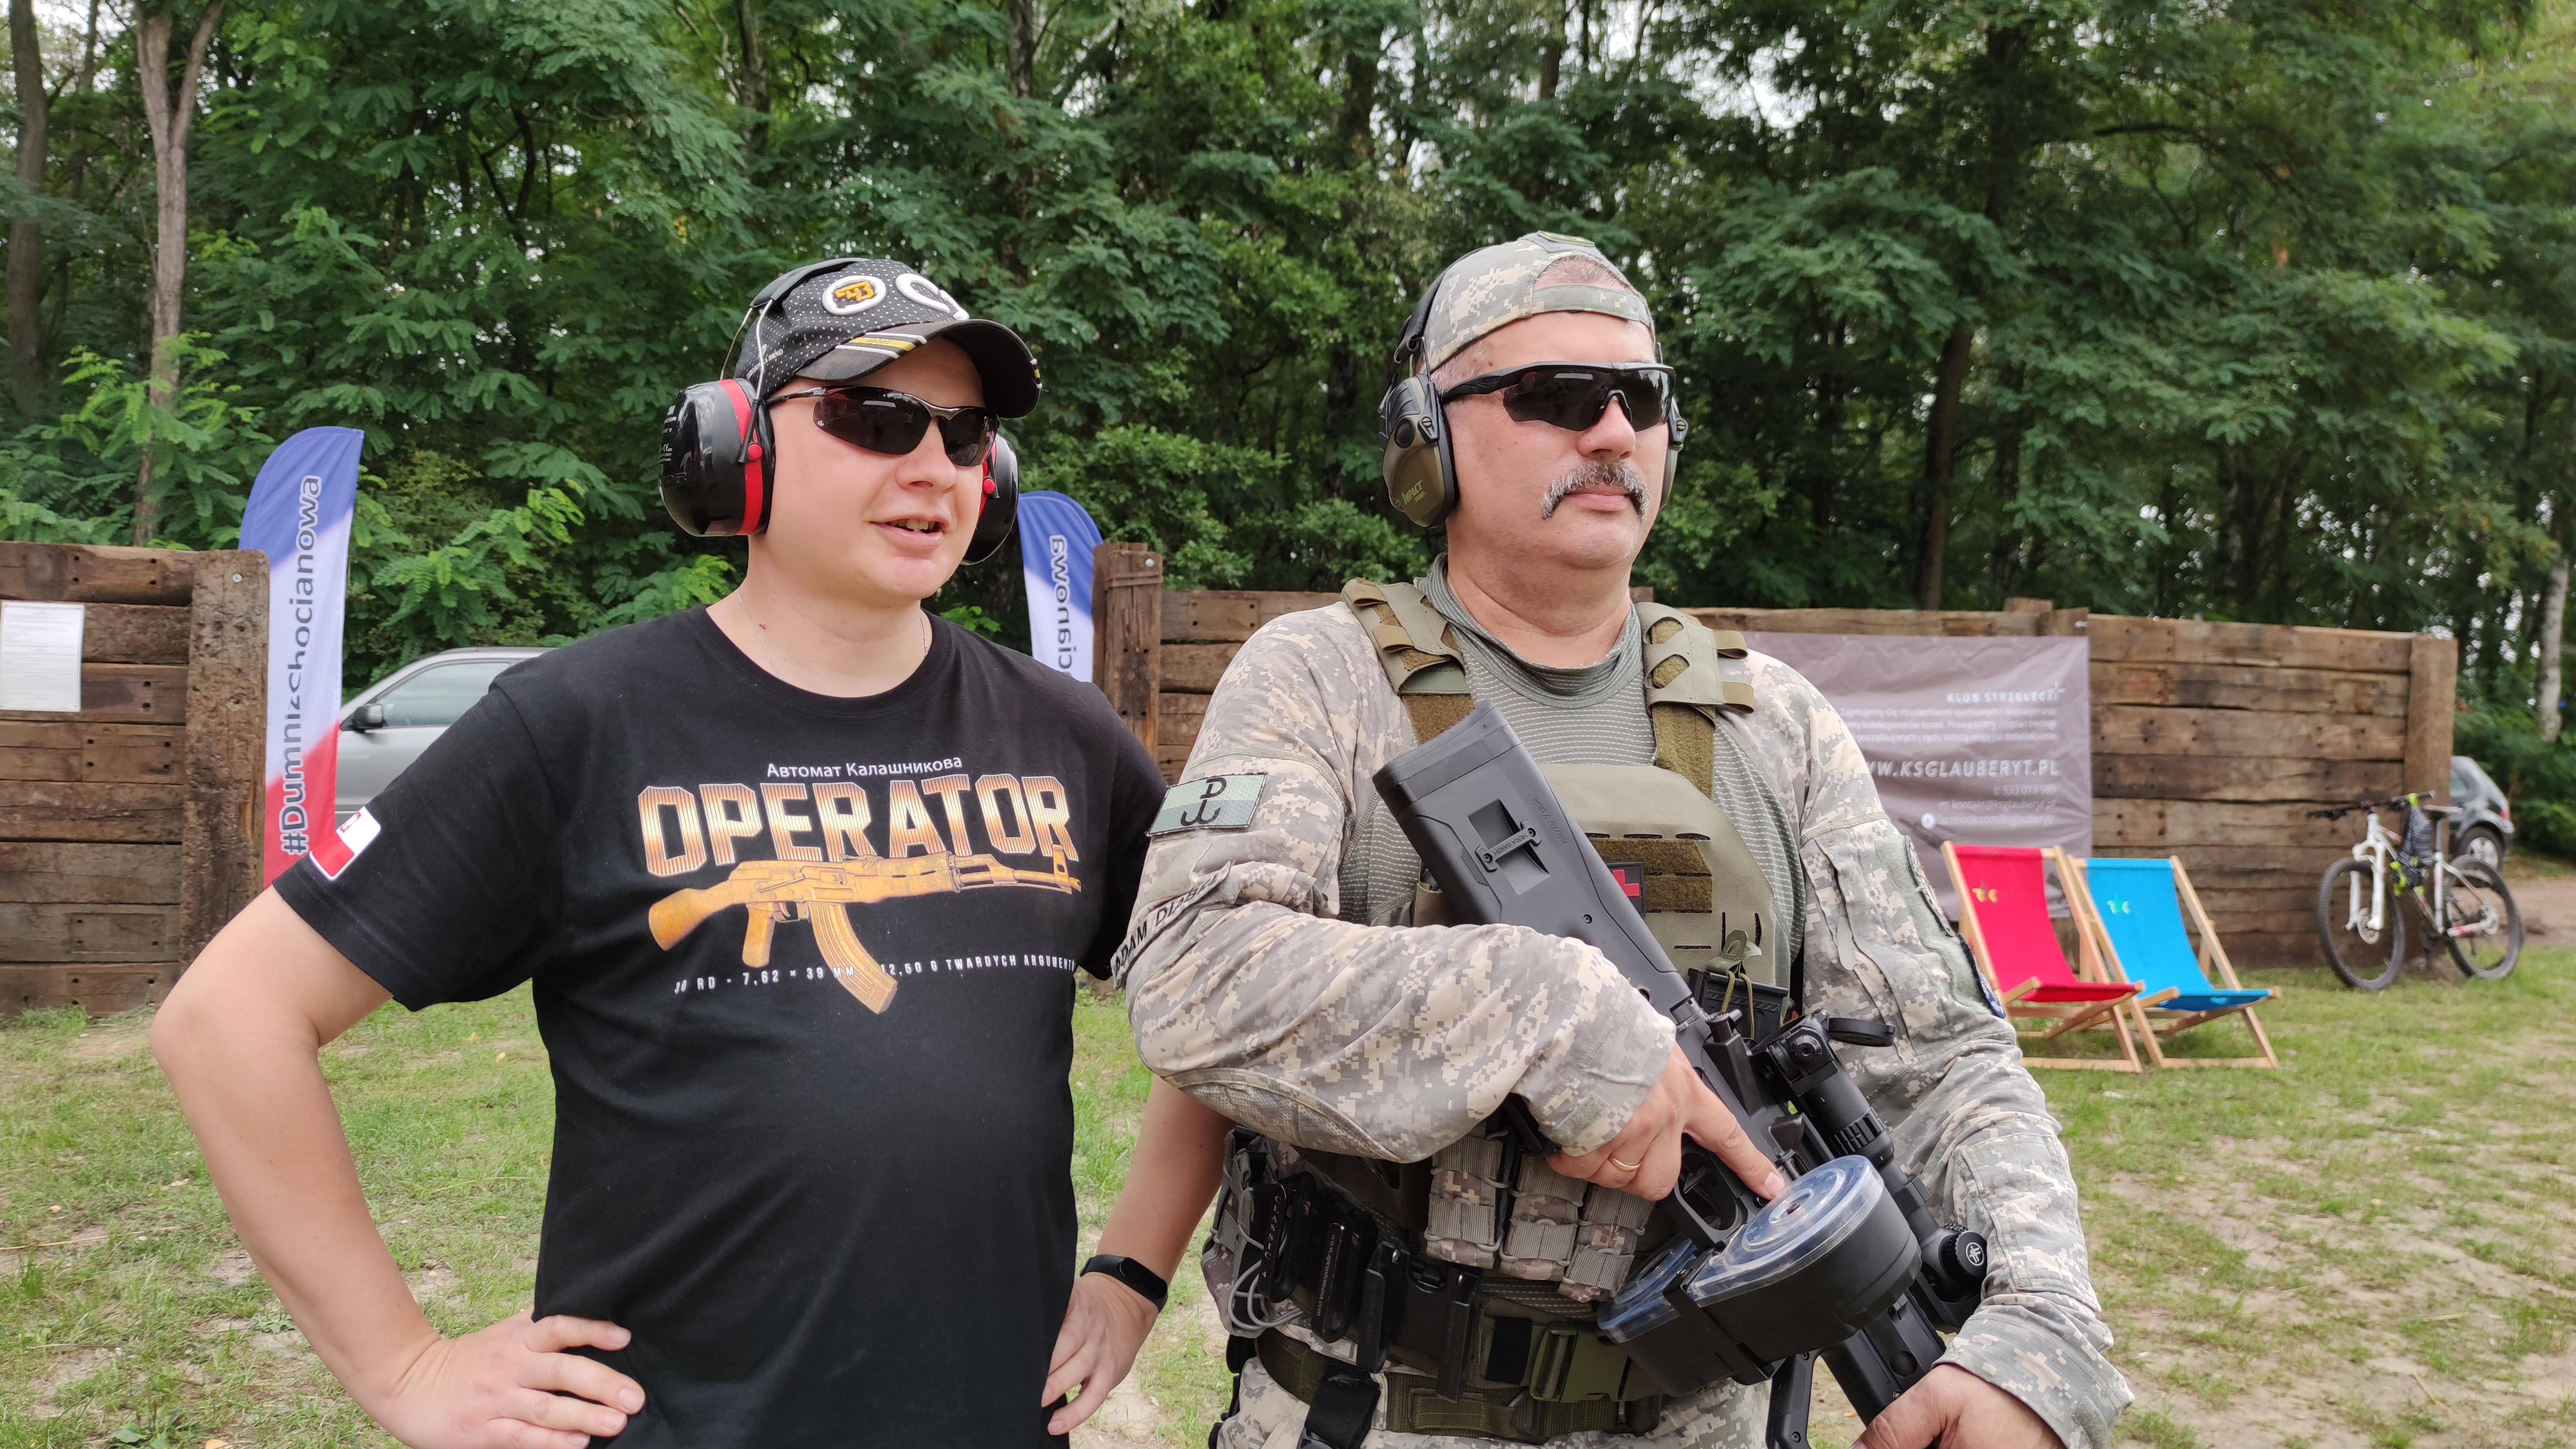 W niedzielę zawody strzeleckie i atrakcje dla miłośników broni